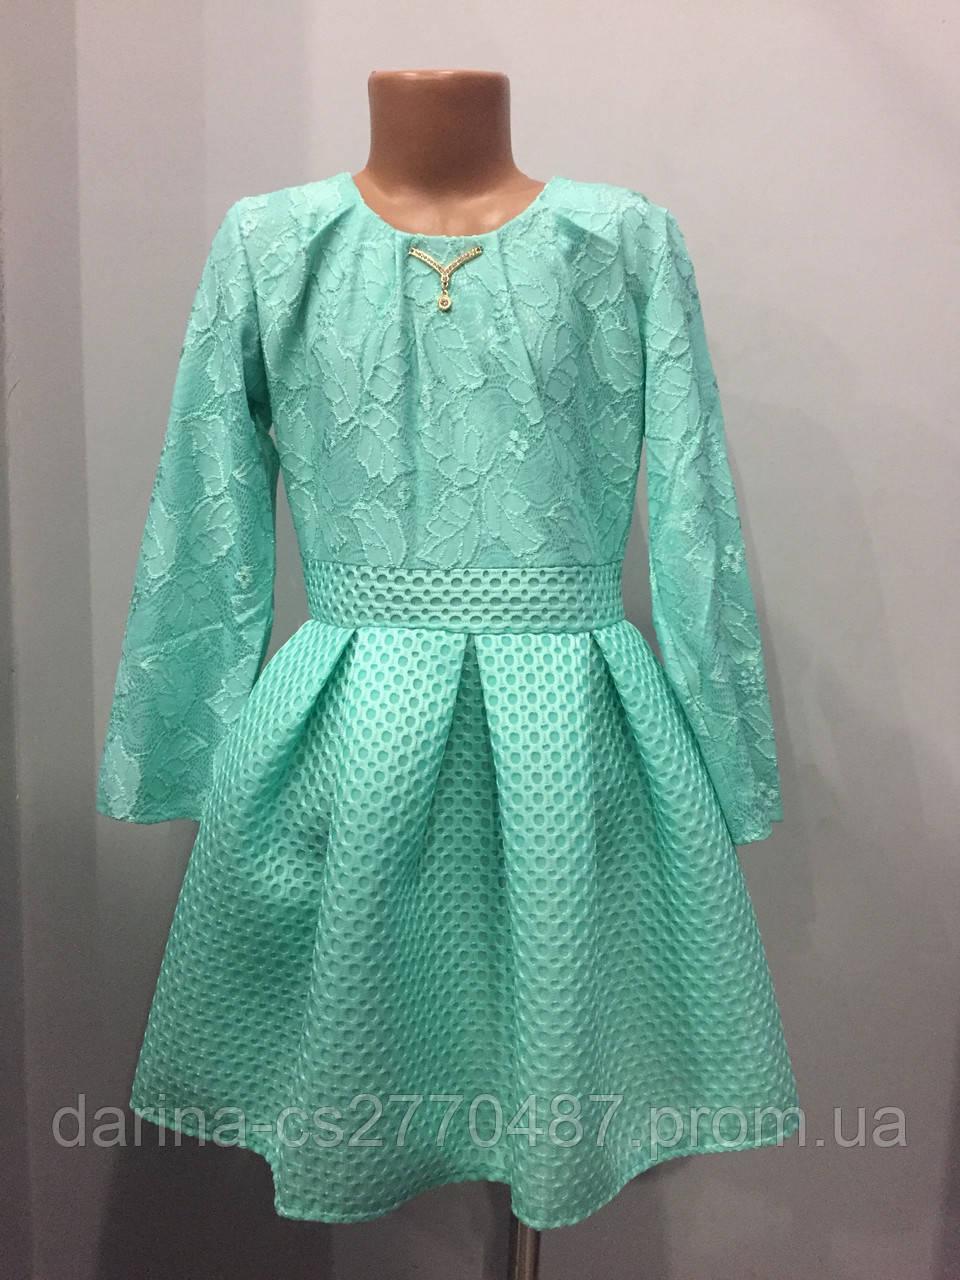 Платье для девочки с юбкой из неопрена 140,146 см